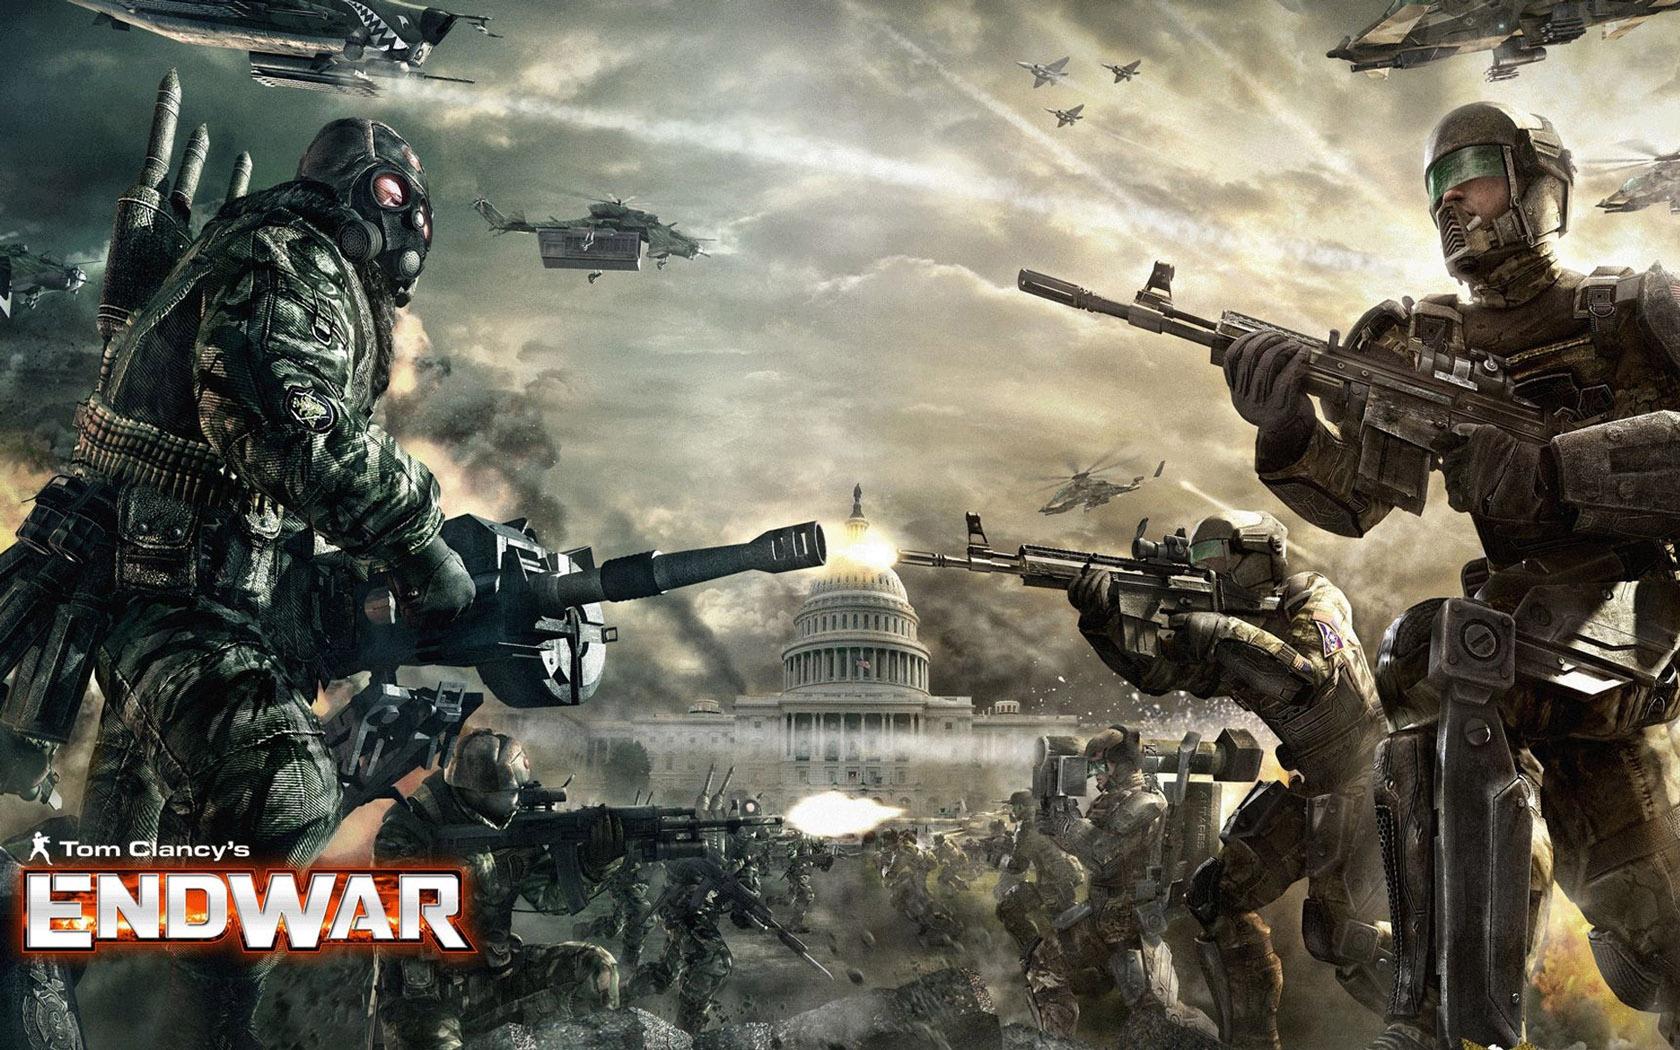 Tom Clancy Endwar 1680x1050